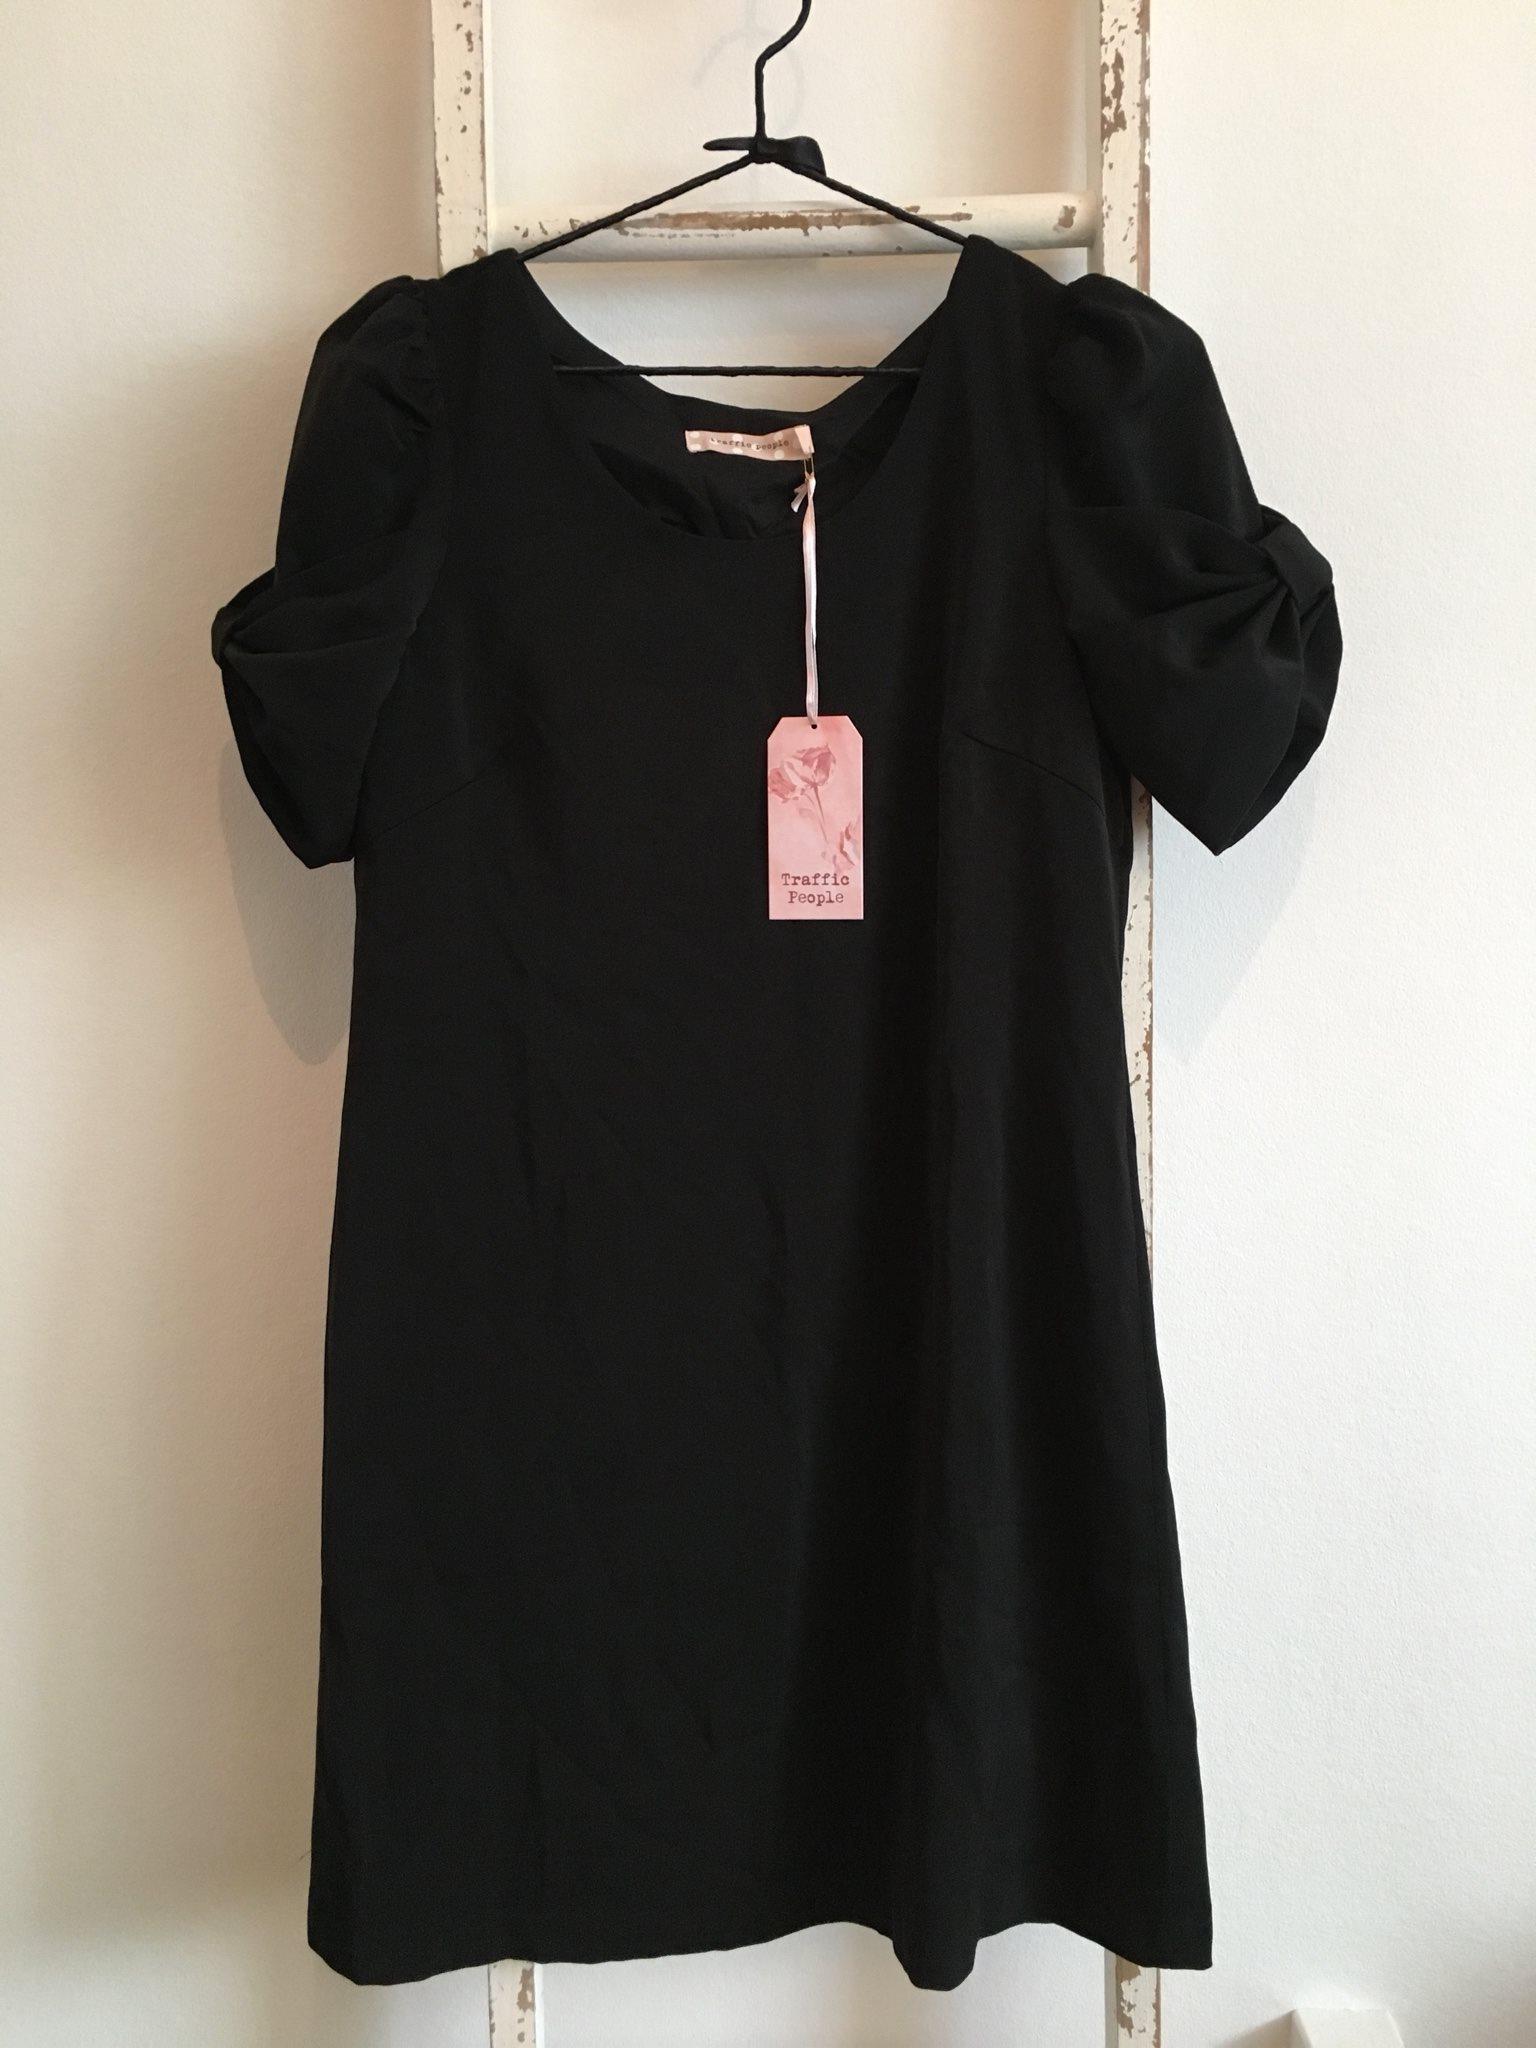 Oanvänd svart klänning från ASOS Traffic People.. (340402656) ᐈ Köp ... 264ca6bb2eb28